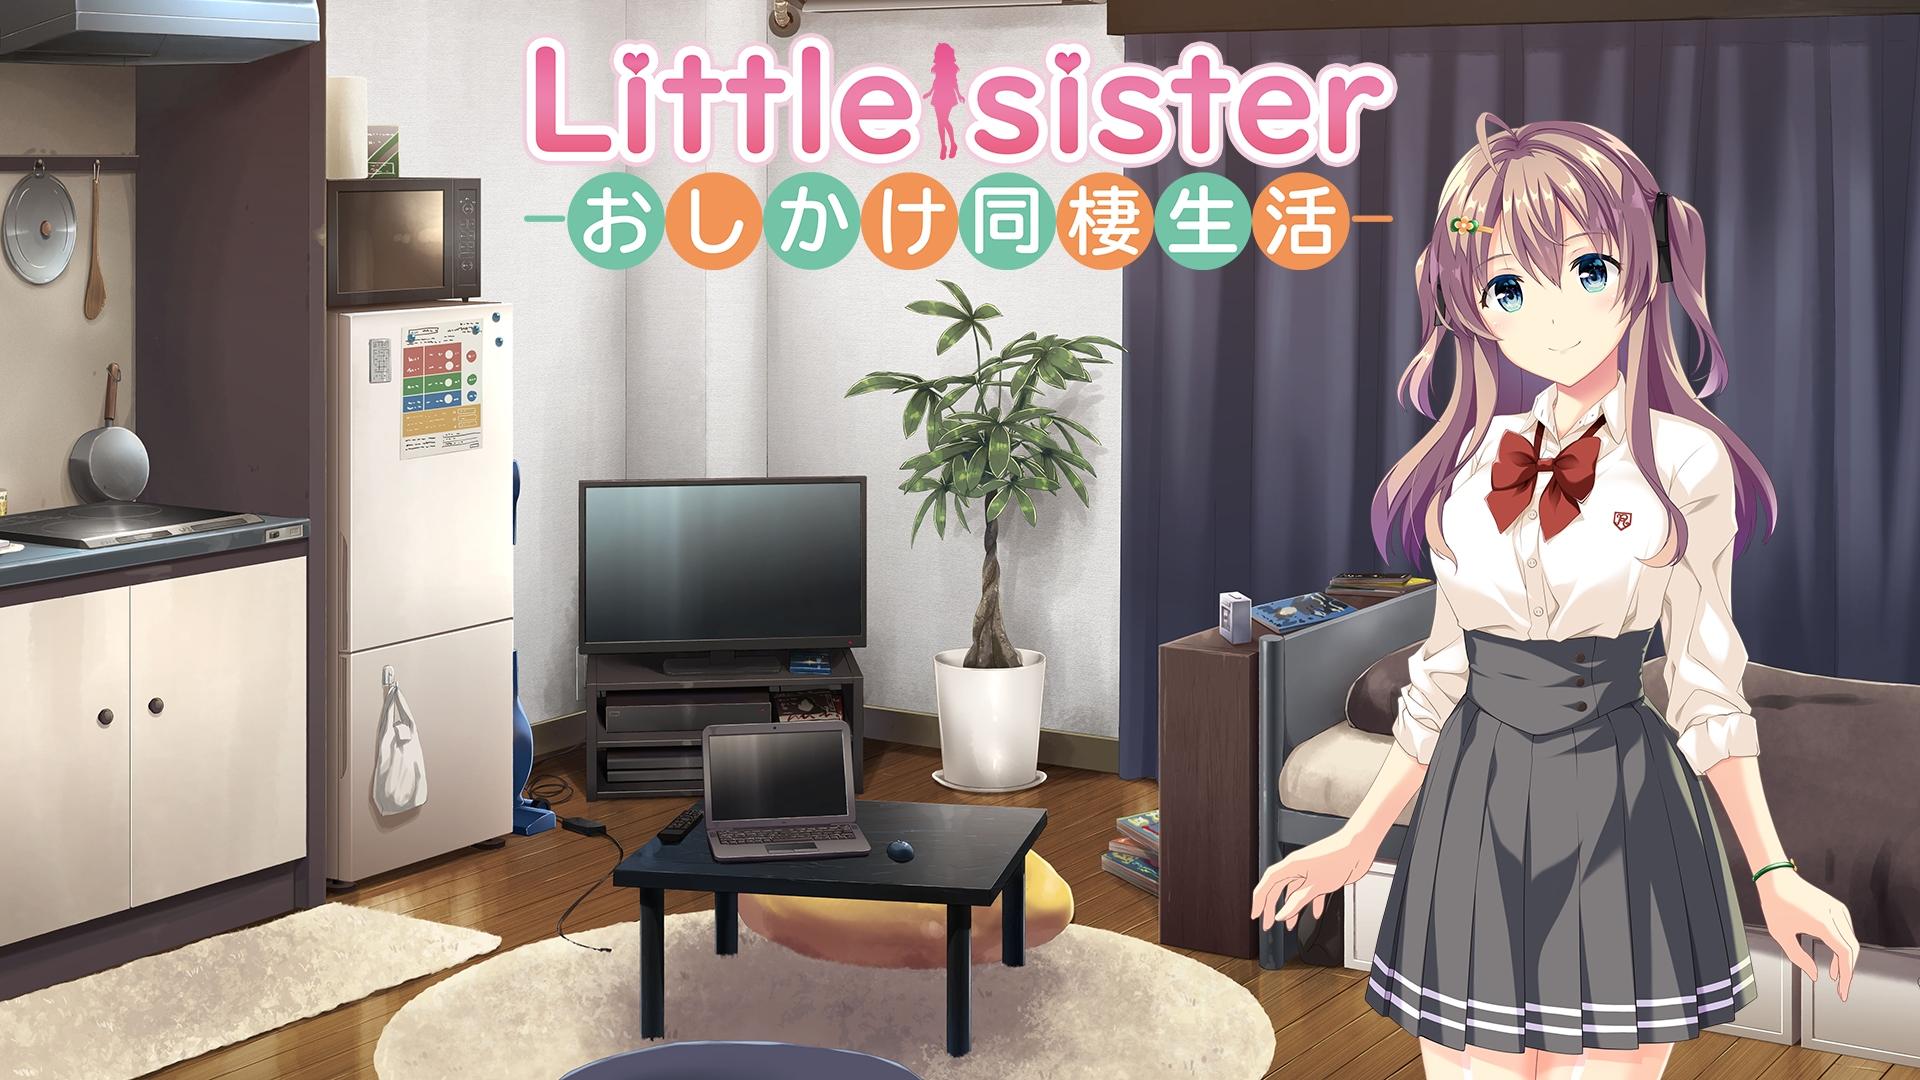 Little Sister -おしかけ同棲生活- CG・画像